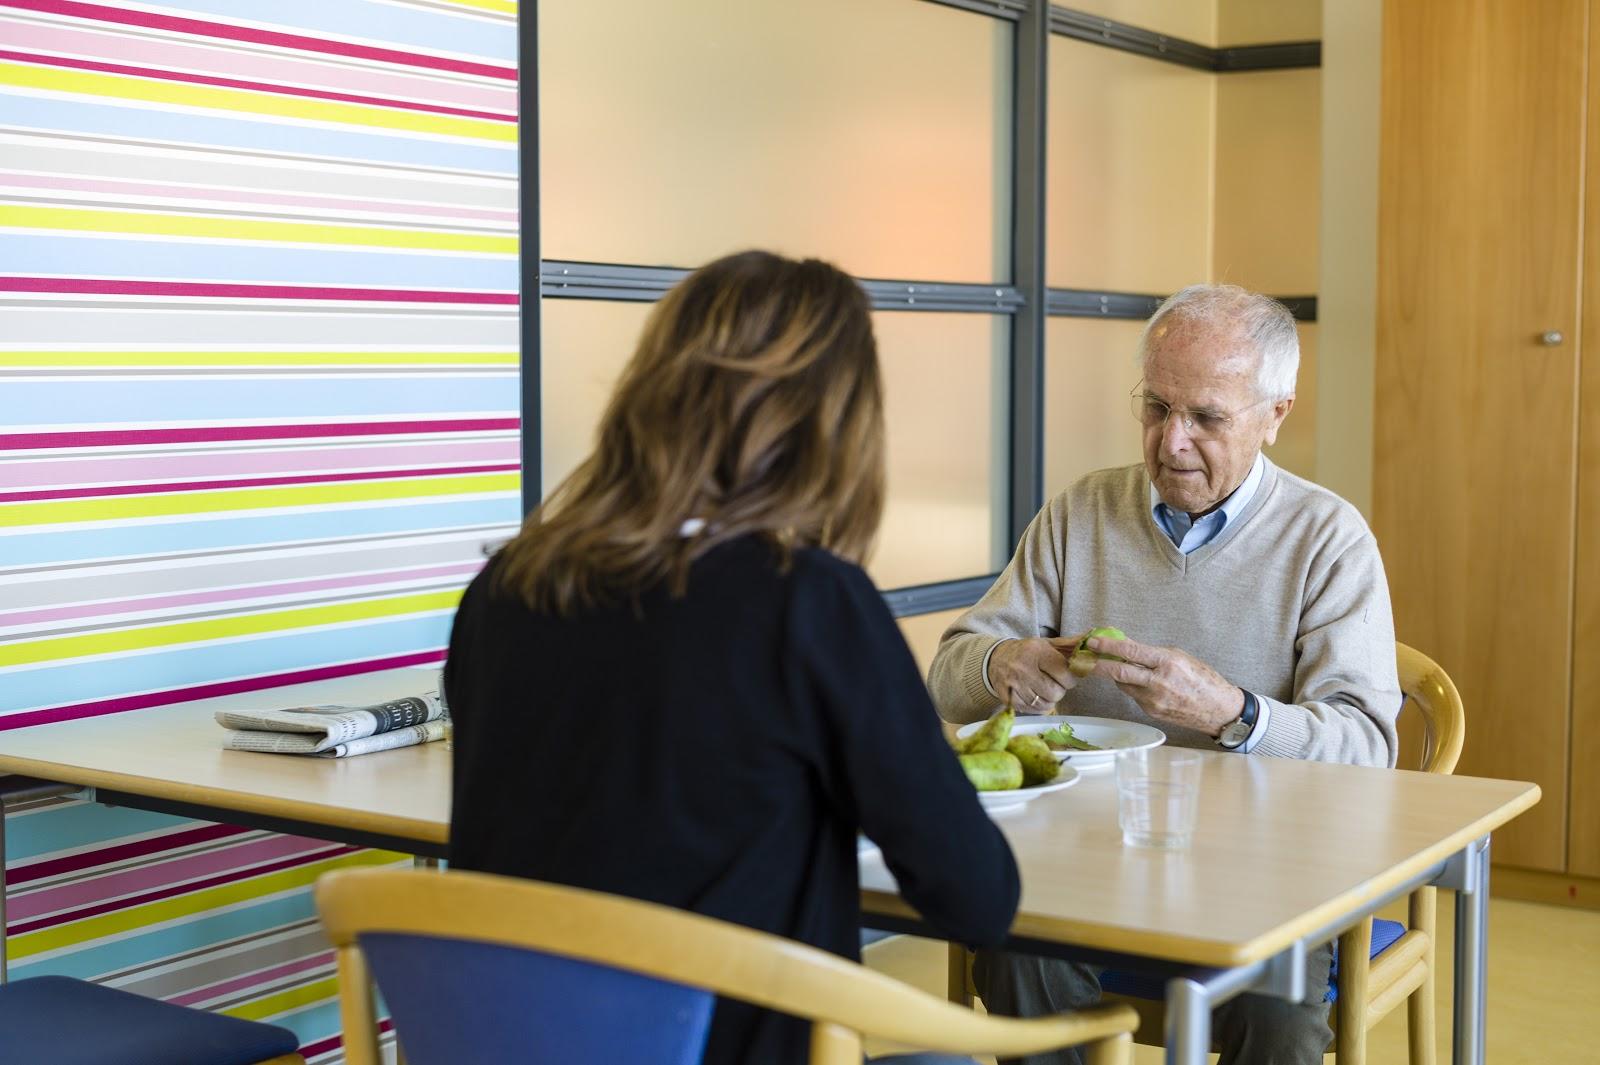 reicht haushaltshilfe bei alzheimer